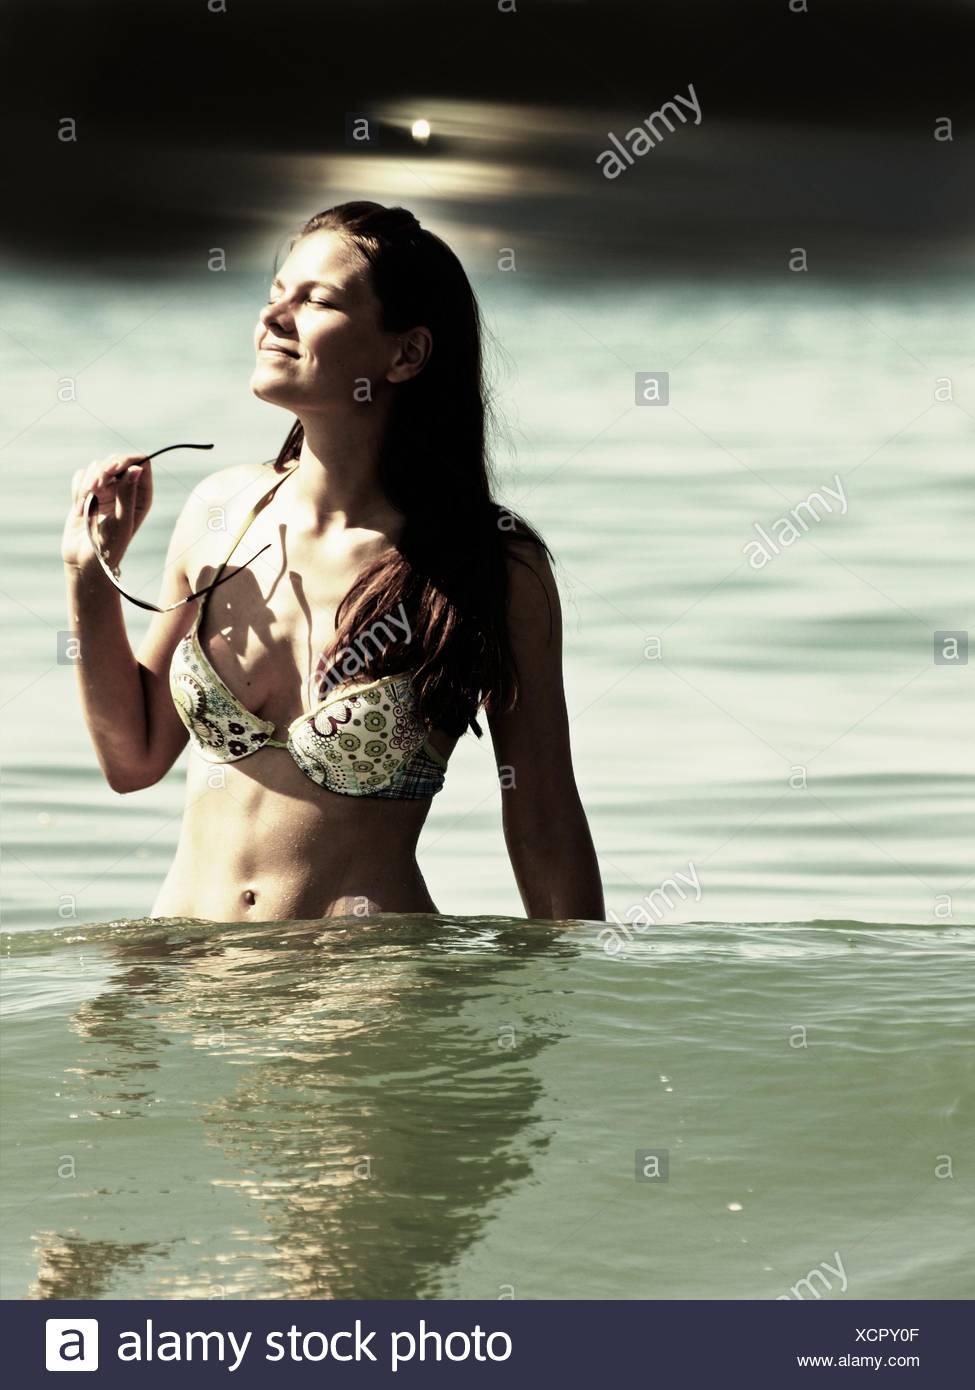 Bikini Woman in Sea Photo Stock